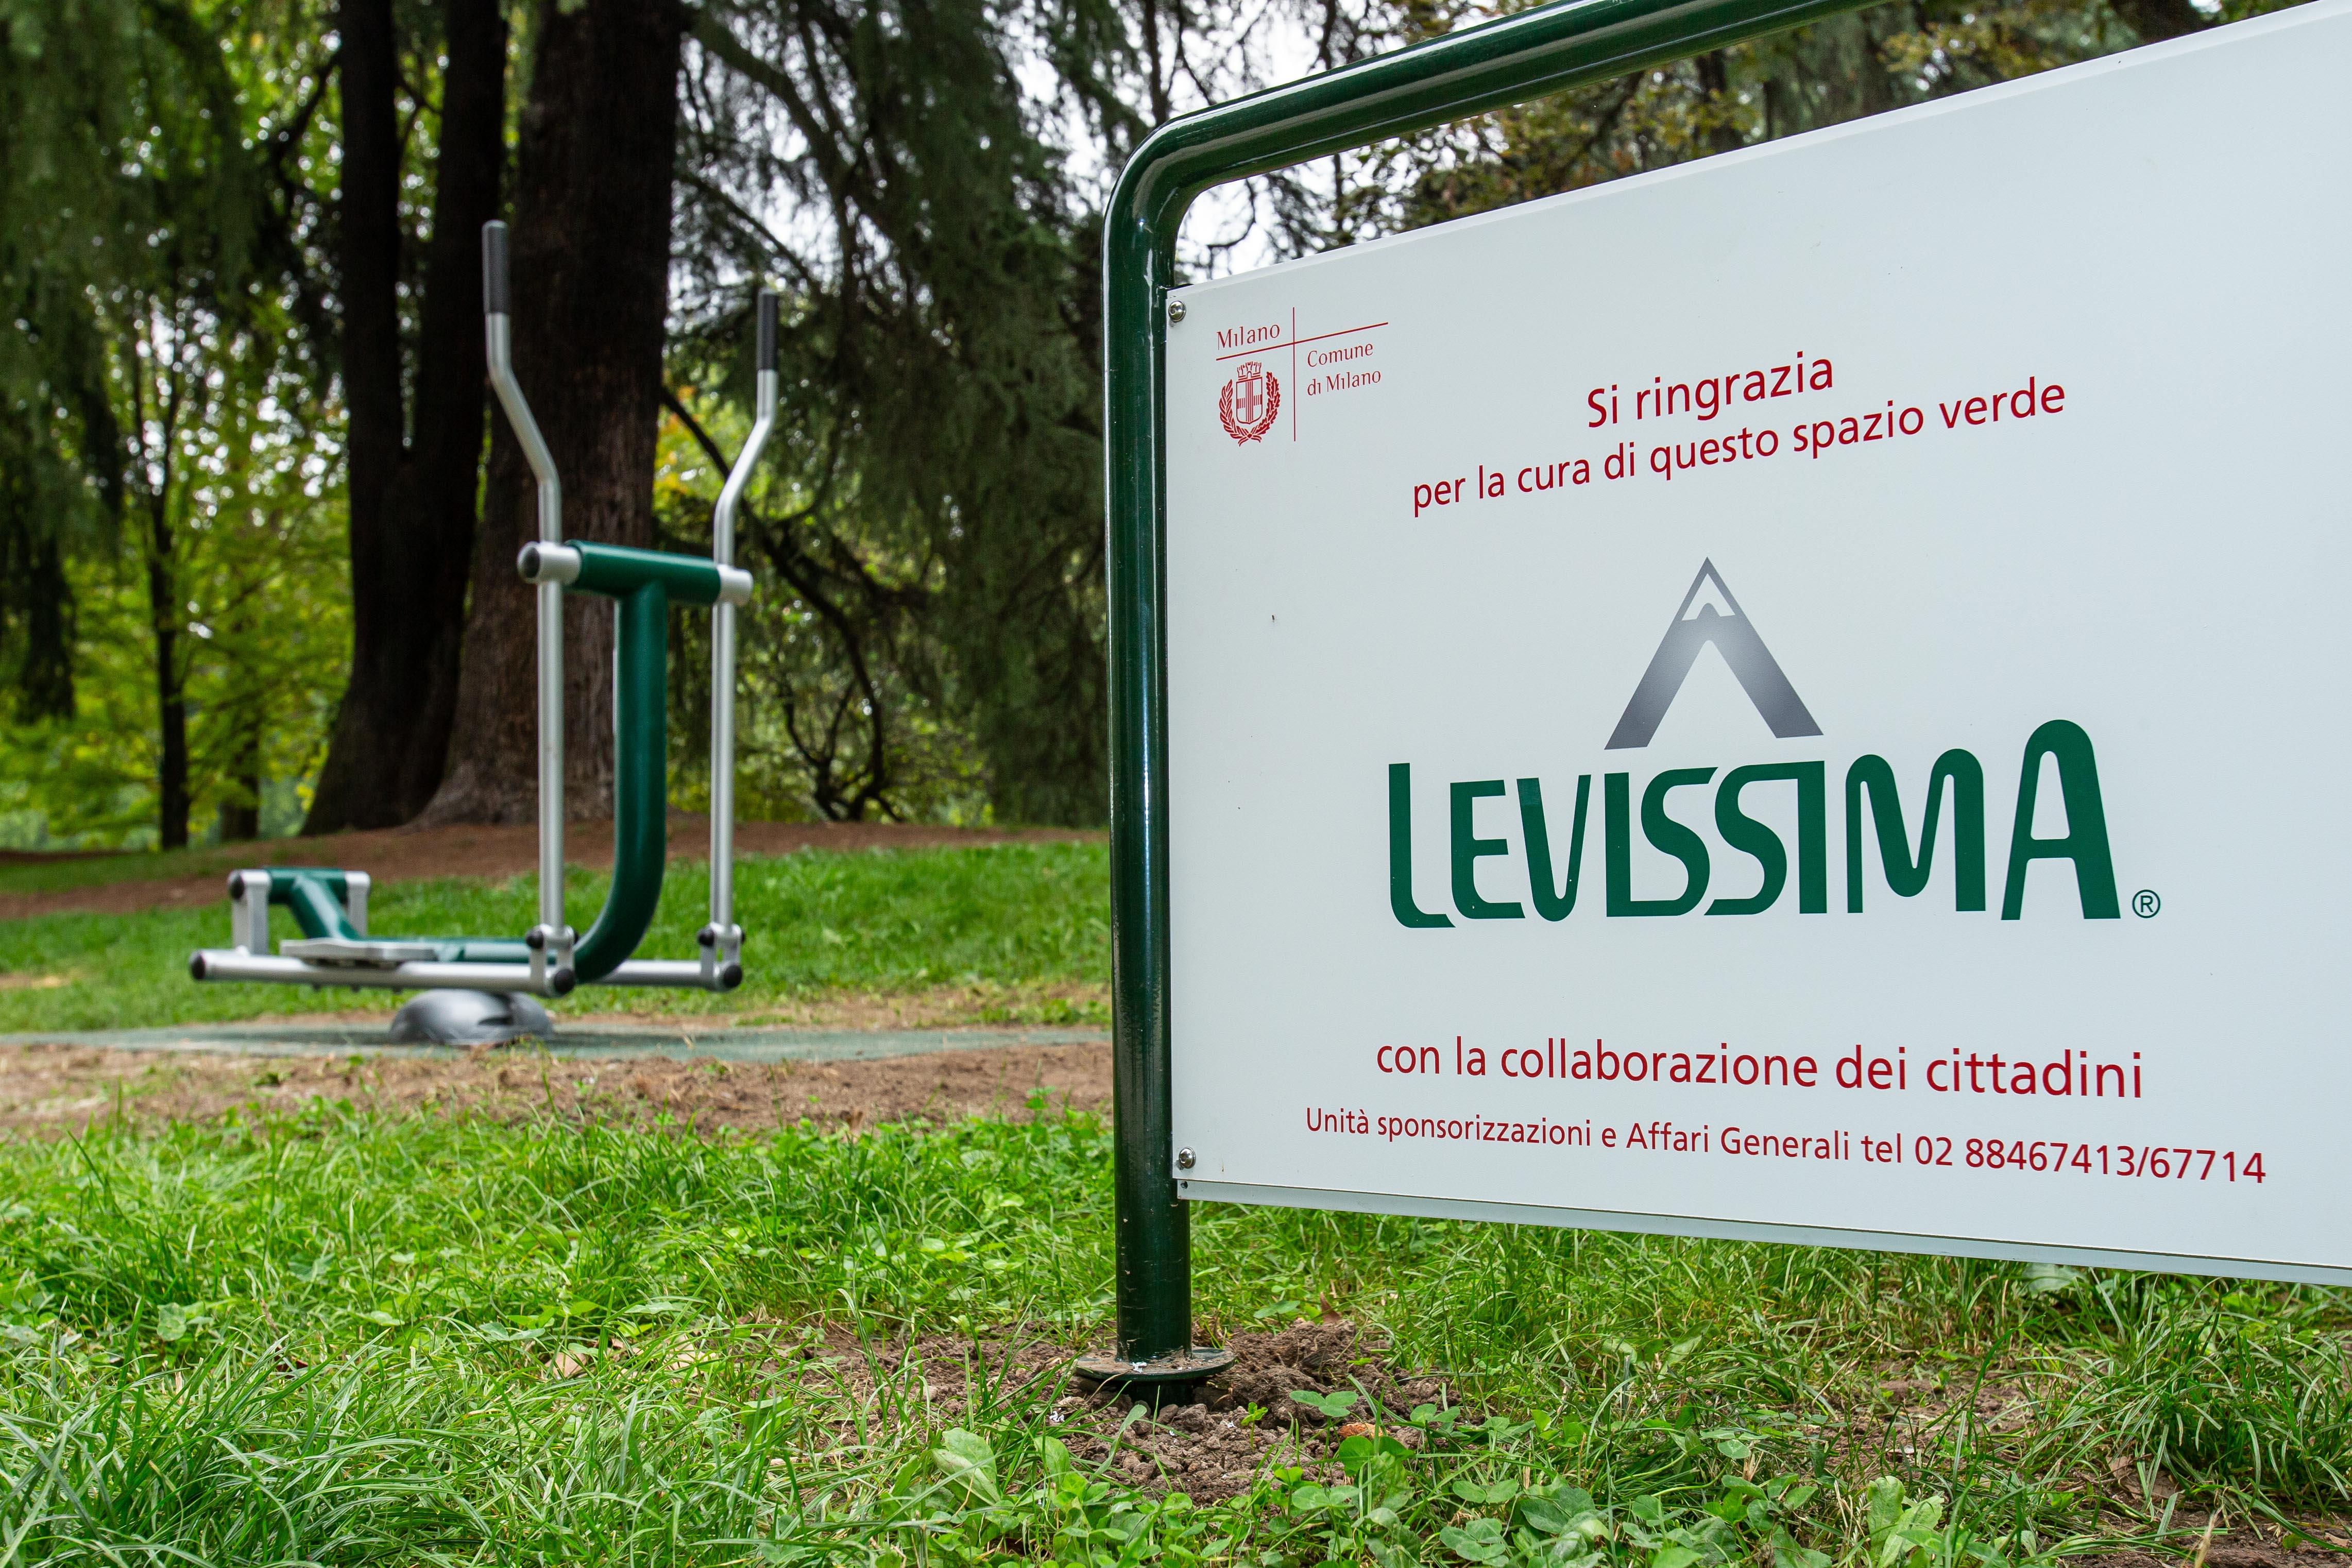 Levissima, il Comune di Milano e Generali Milano Marathon. Insieme per un progetto sostenibile e inclusivo per la città